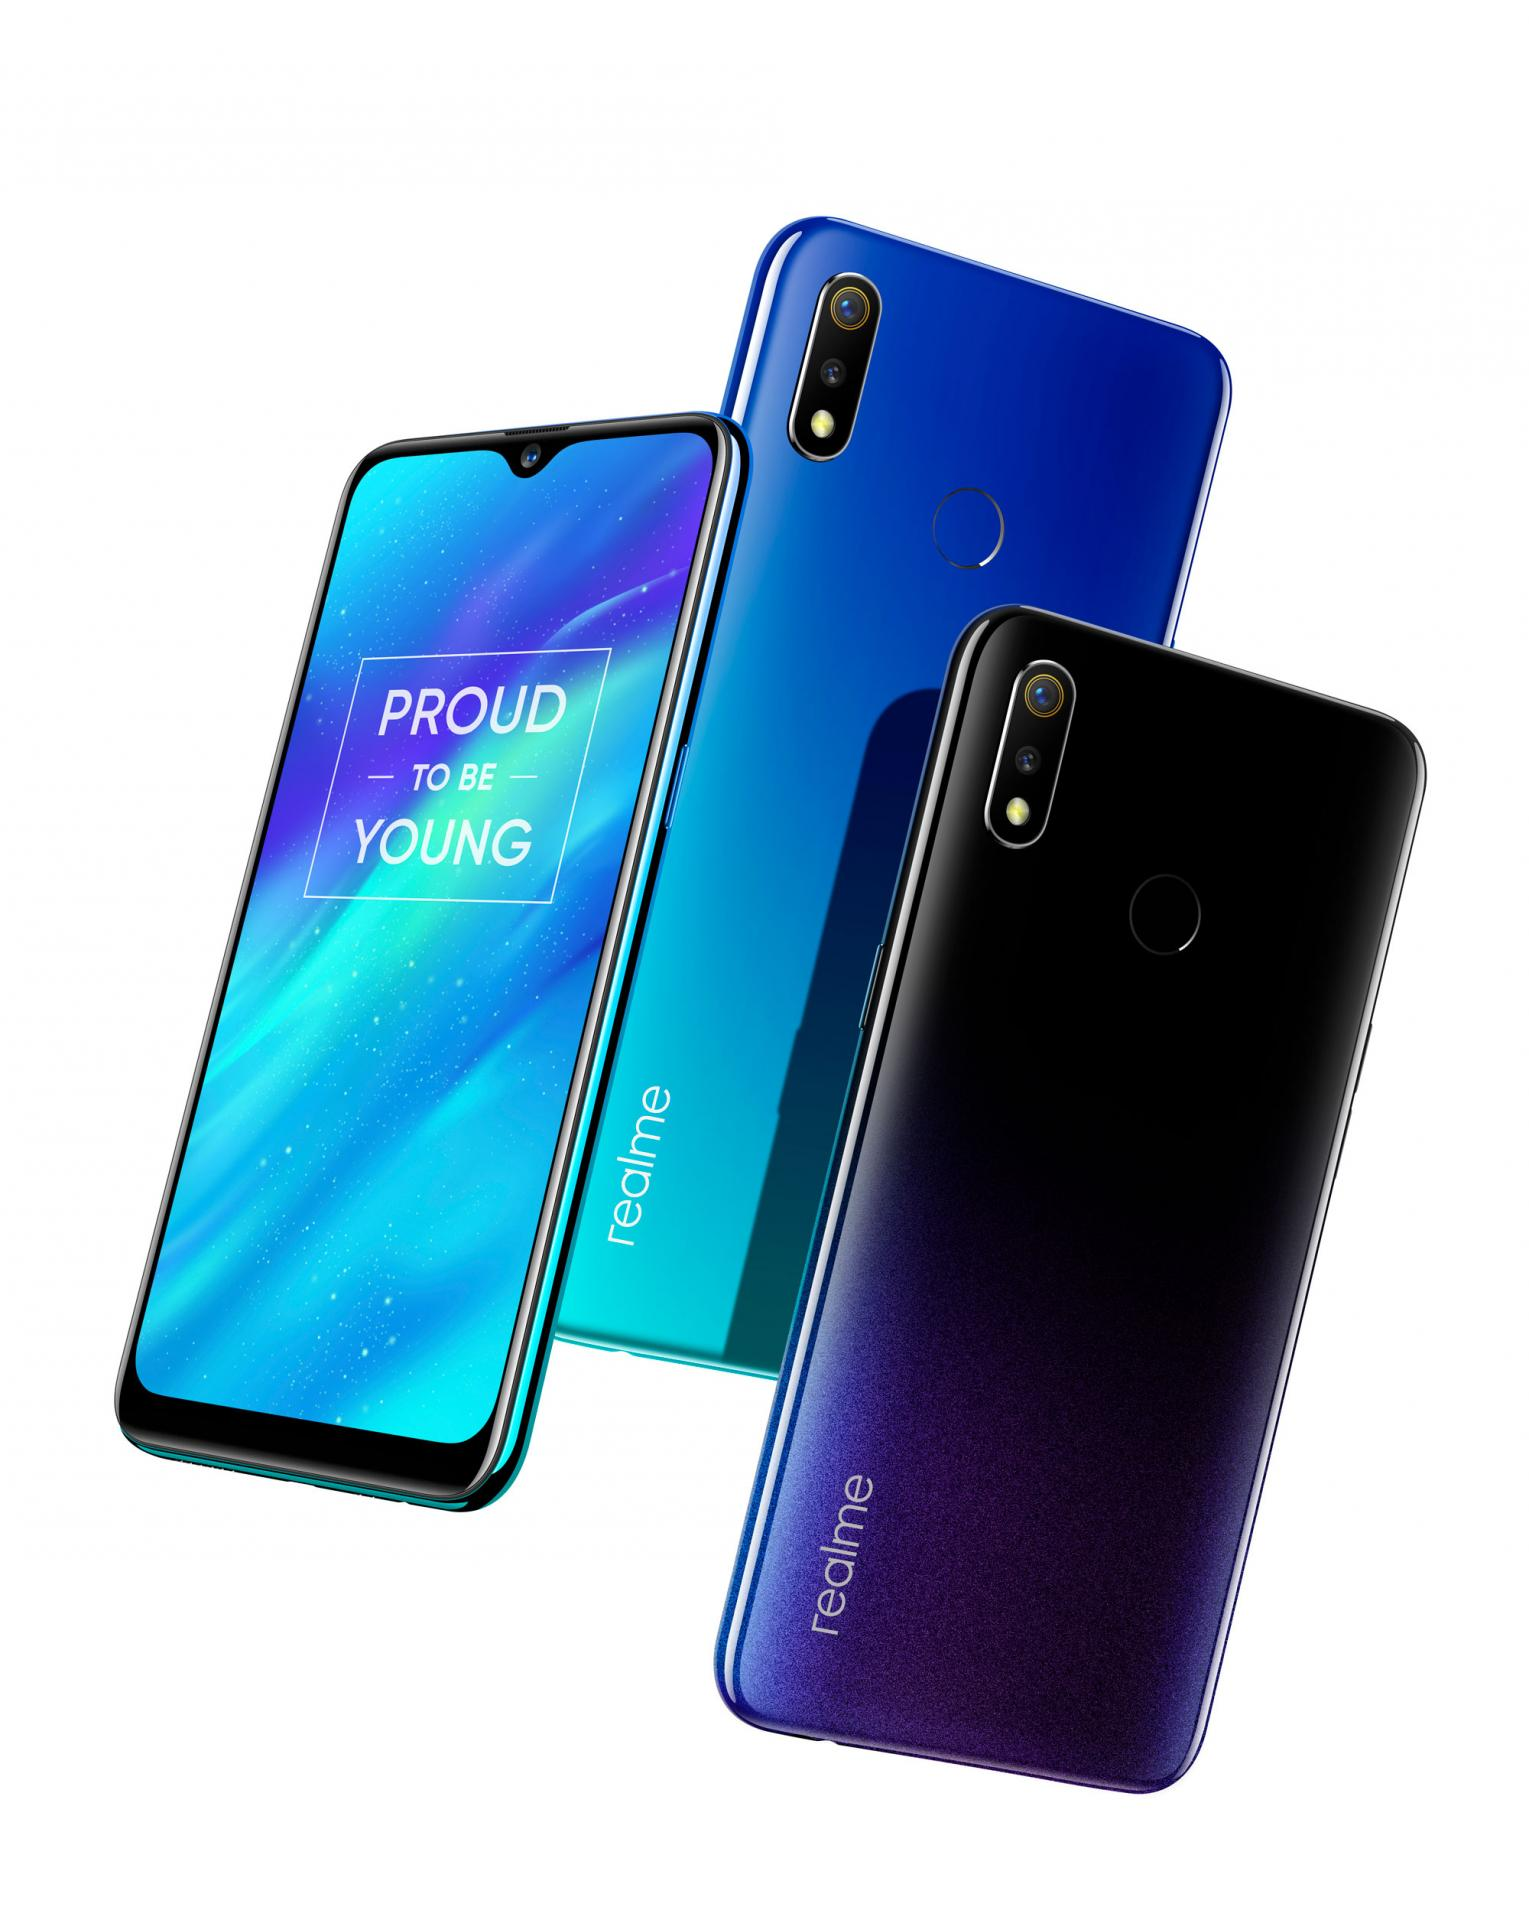 Дешевле Xiaomi иHonor — новые смартфоны Realme. Нужно успеть поскидке